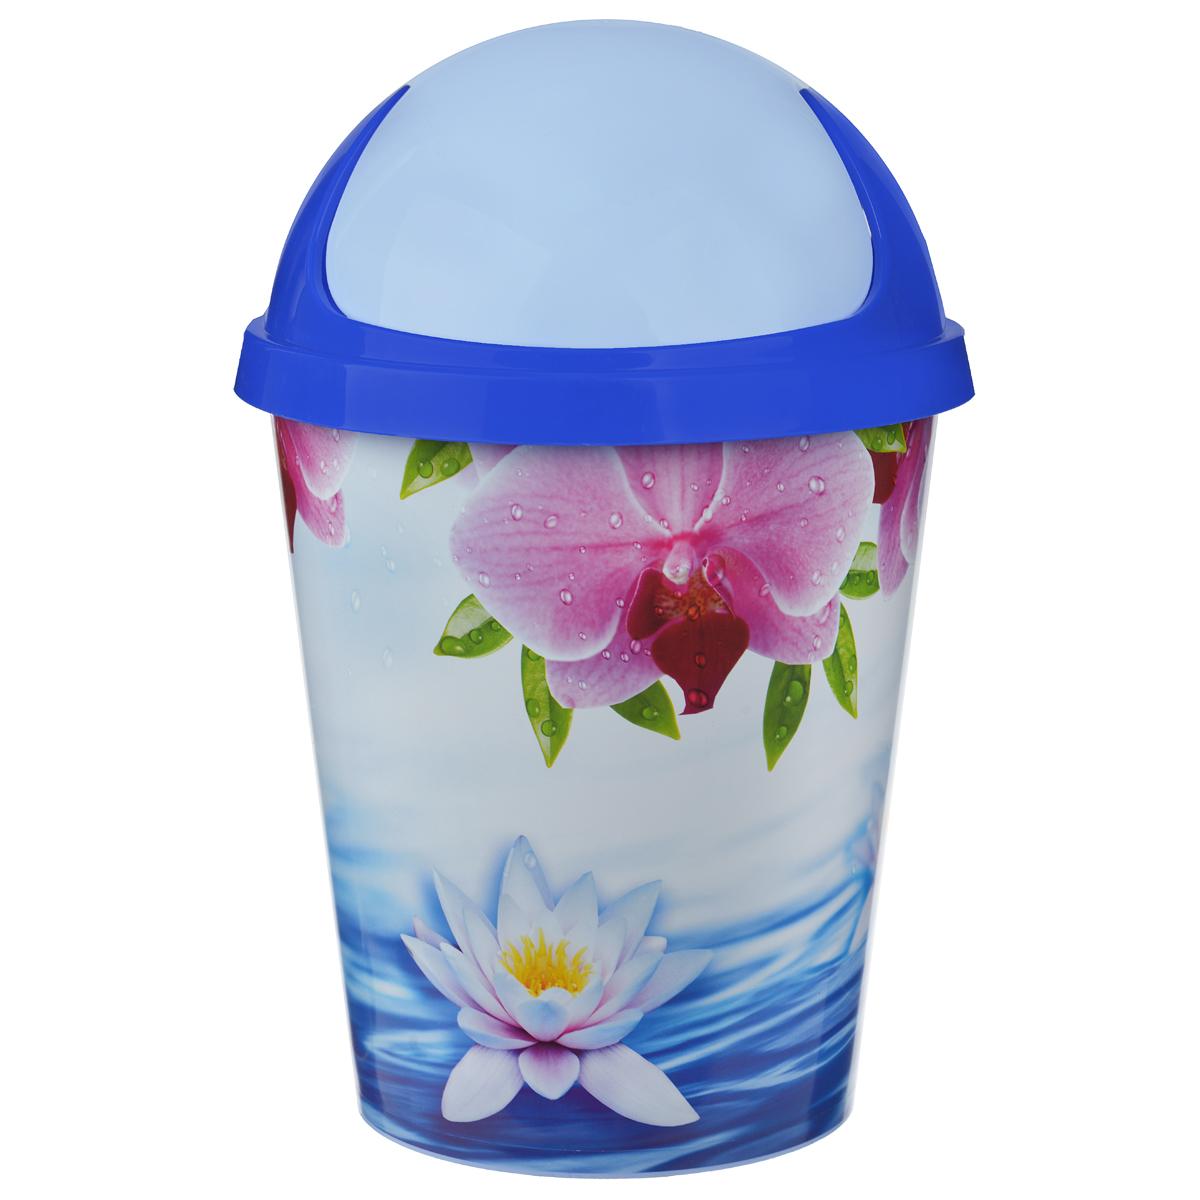 Контейнер для мусора Альтернатива Лотос, 10 л, 26,5 х 26,5 х 39 смМ1757Контейнер для мусора Альтернатива Лотос выполнен из пластика. Такой аксессуар очень удобен в использовании, как дома, так и в офисе. Оснащен крышкой. Размер контейнера (с учетом крышки): 26,5 см х 26,5 см х 39 см. Размер контейнера (без учета крышки): 26,5 см х 26,5 см х 29 см.